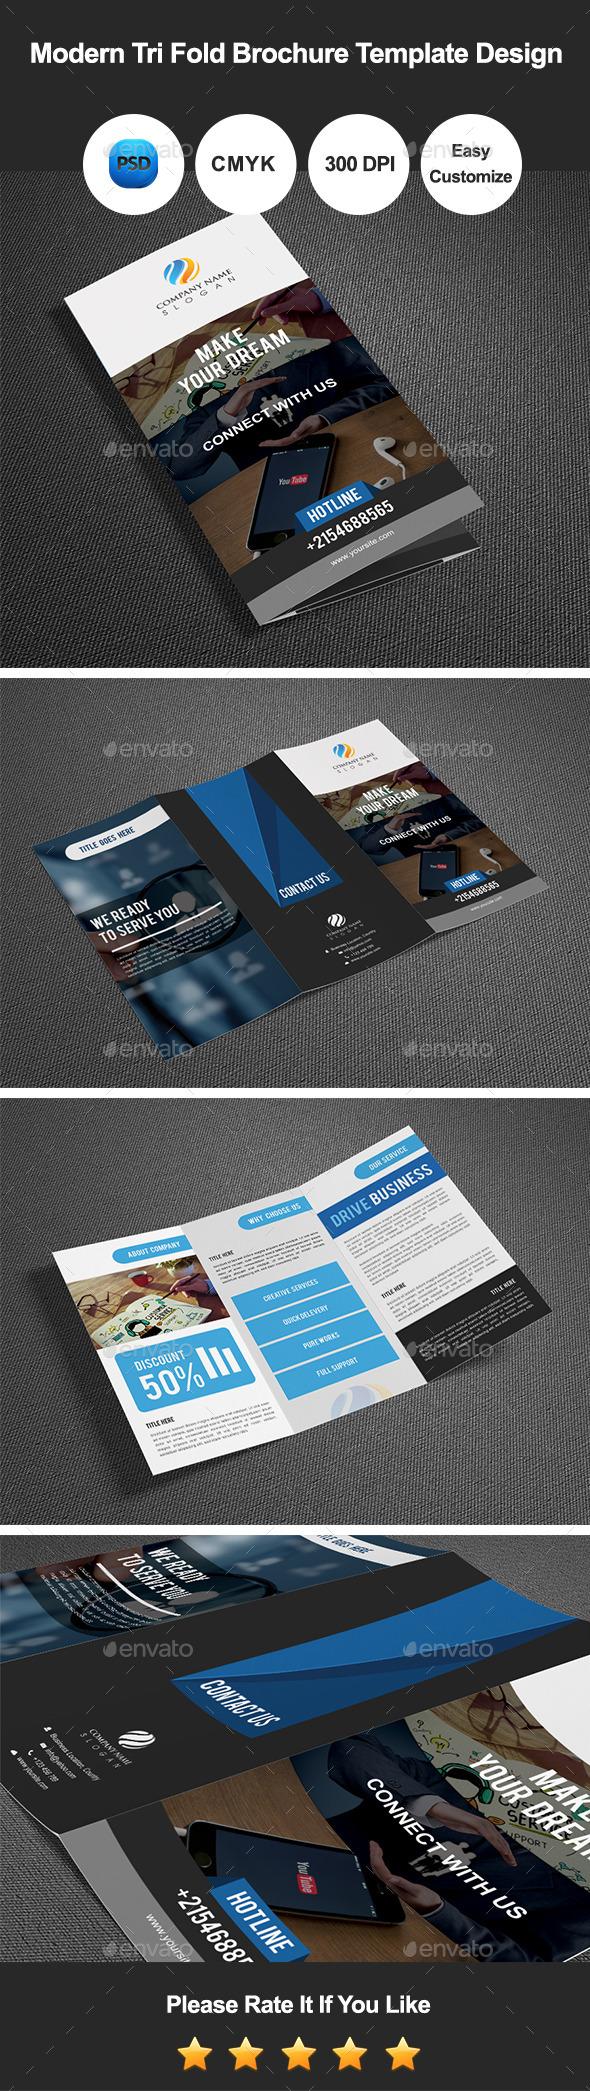 GraphicRiver Modern Tri Fold Brochure Template Design 10942983